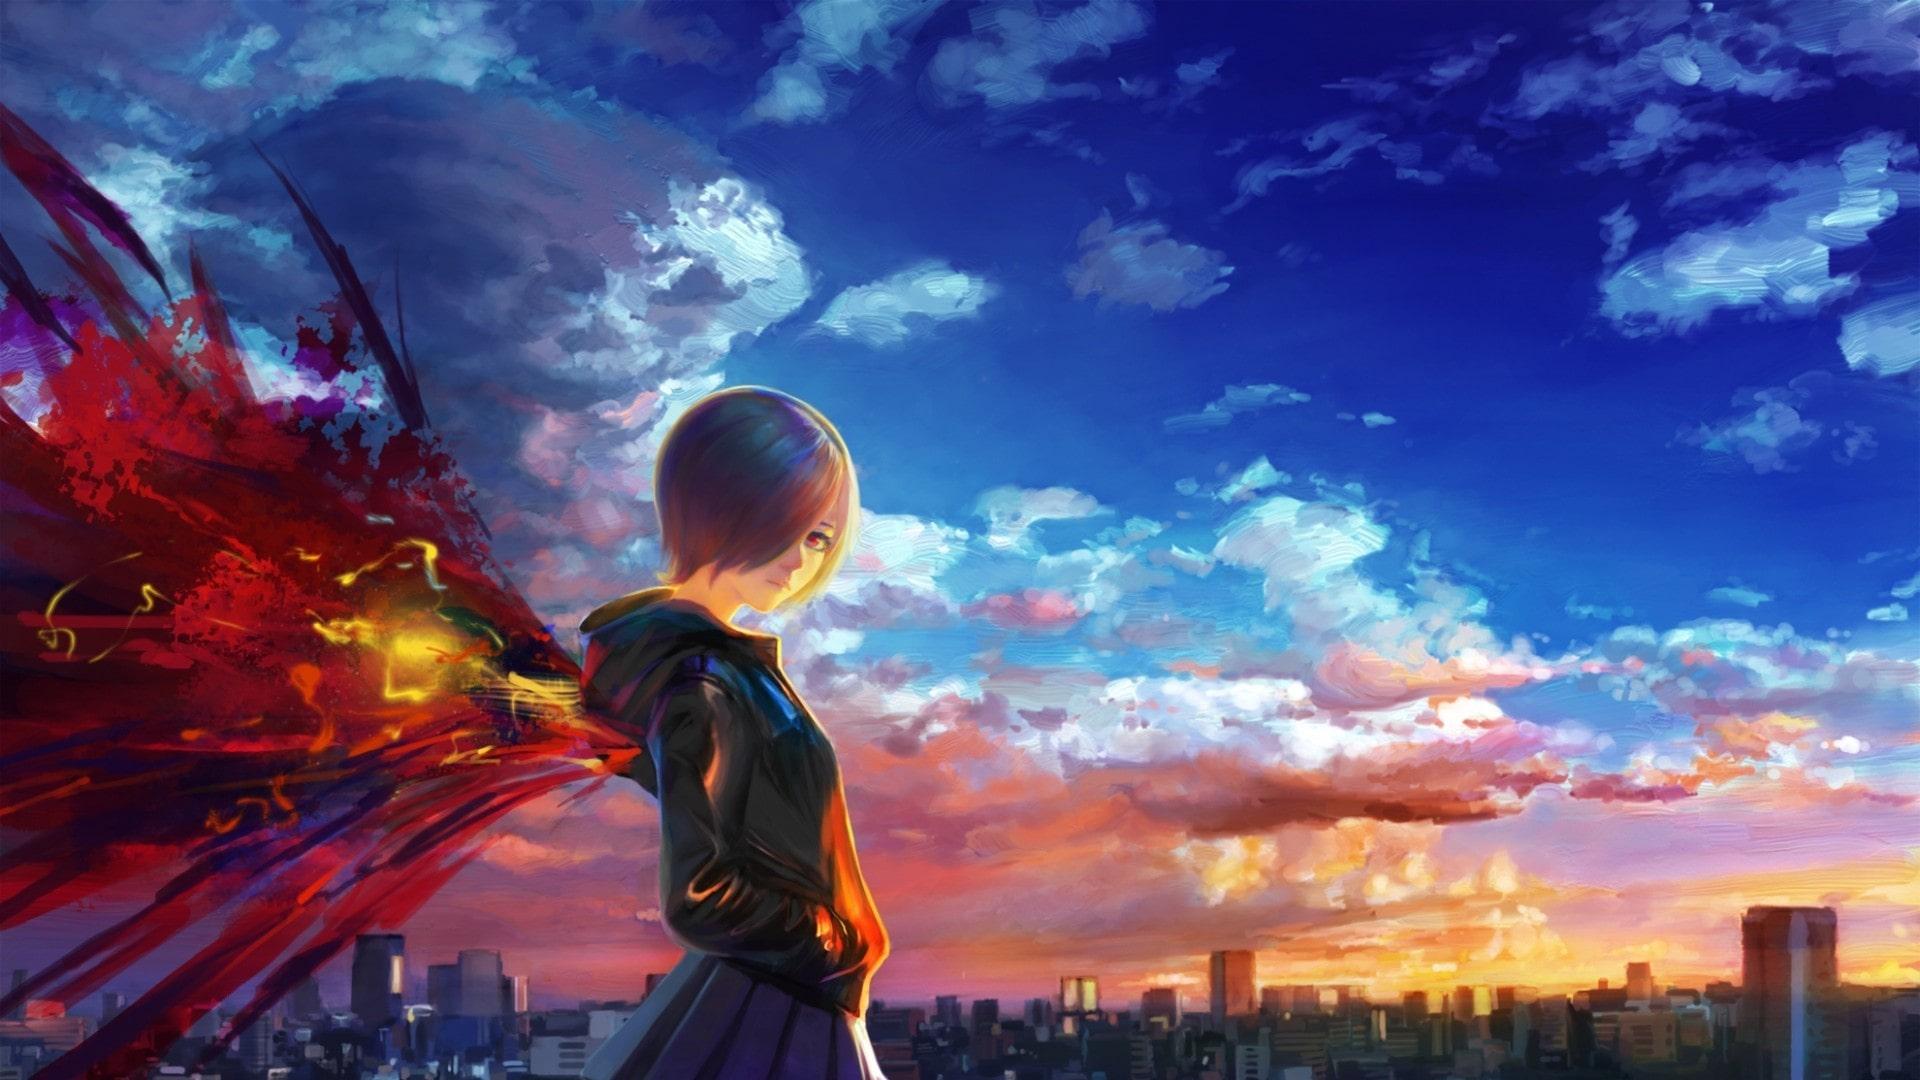 Hình nền anime đẹp